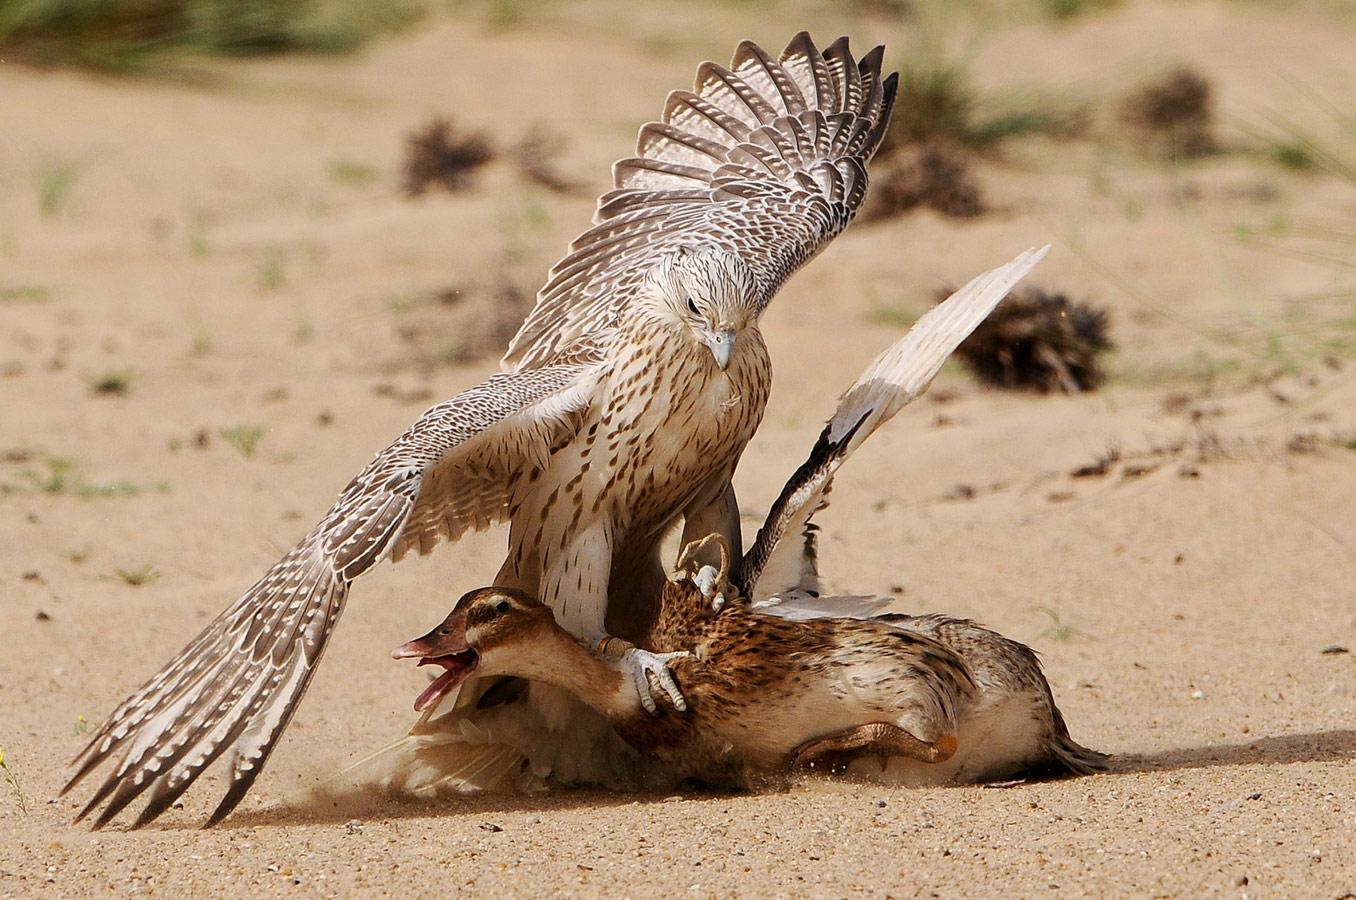 Птичья премудрость, © Саад Альфархан / Saad Alfarhan, Турция, 3 место в номинации «Живая природа», Фотоконкурс 35AWARDS — 100 Best Photos